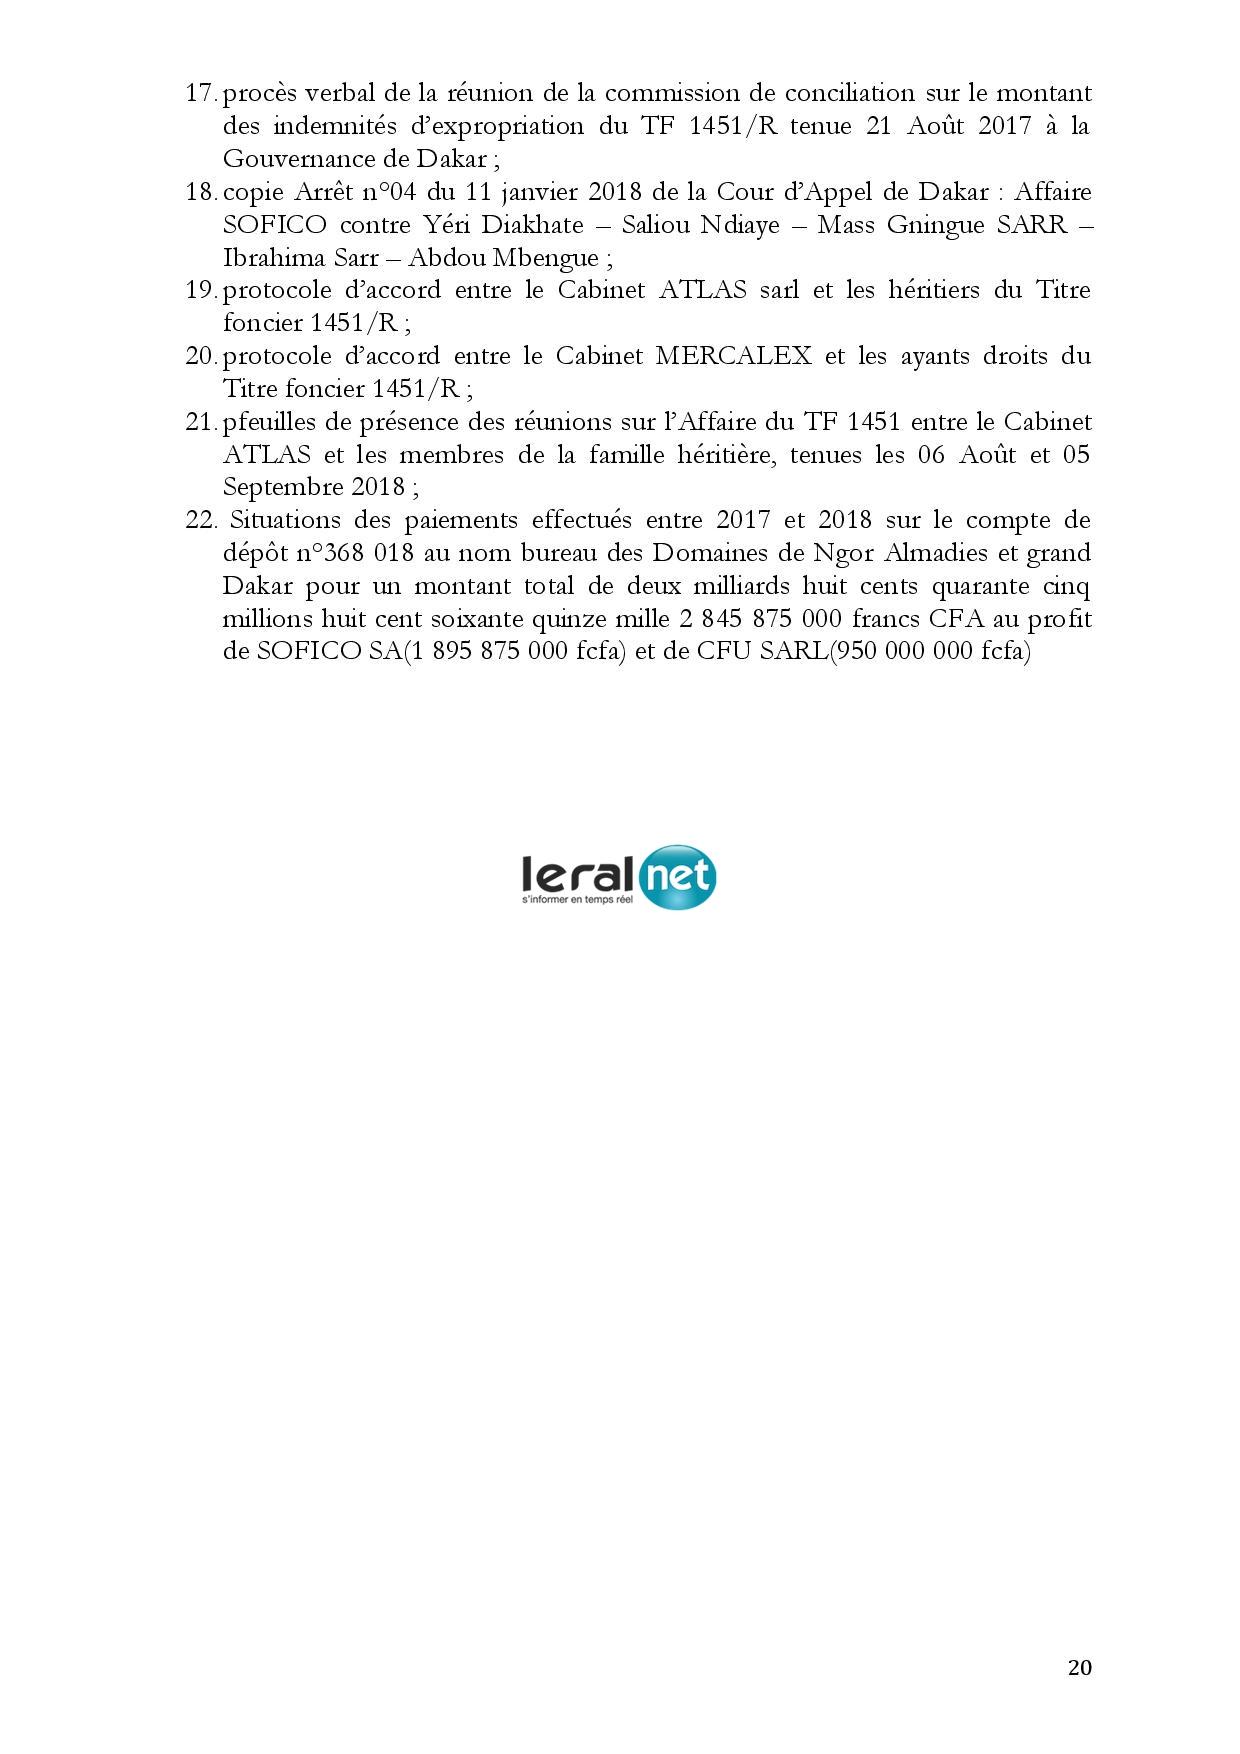 Voici le résumé du rapport de la Commission d'enquête portant sur l'affaire des 94 milliards